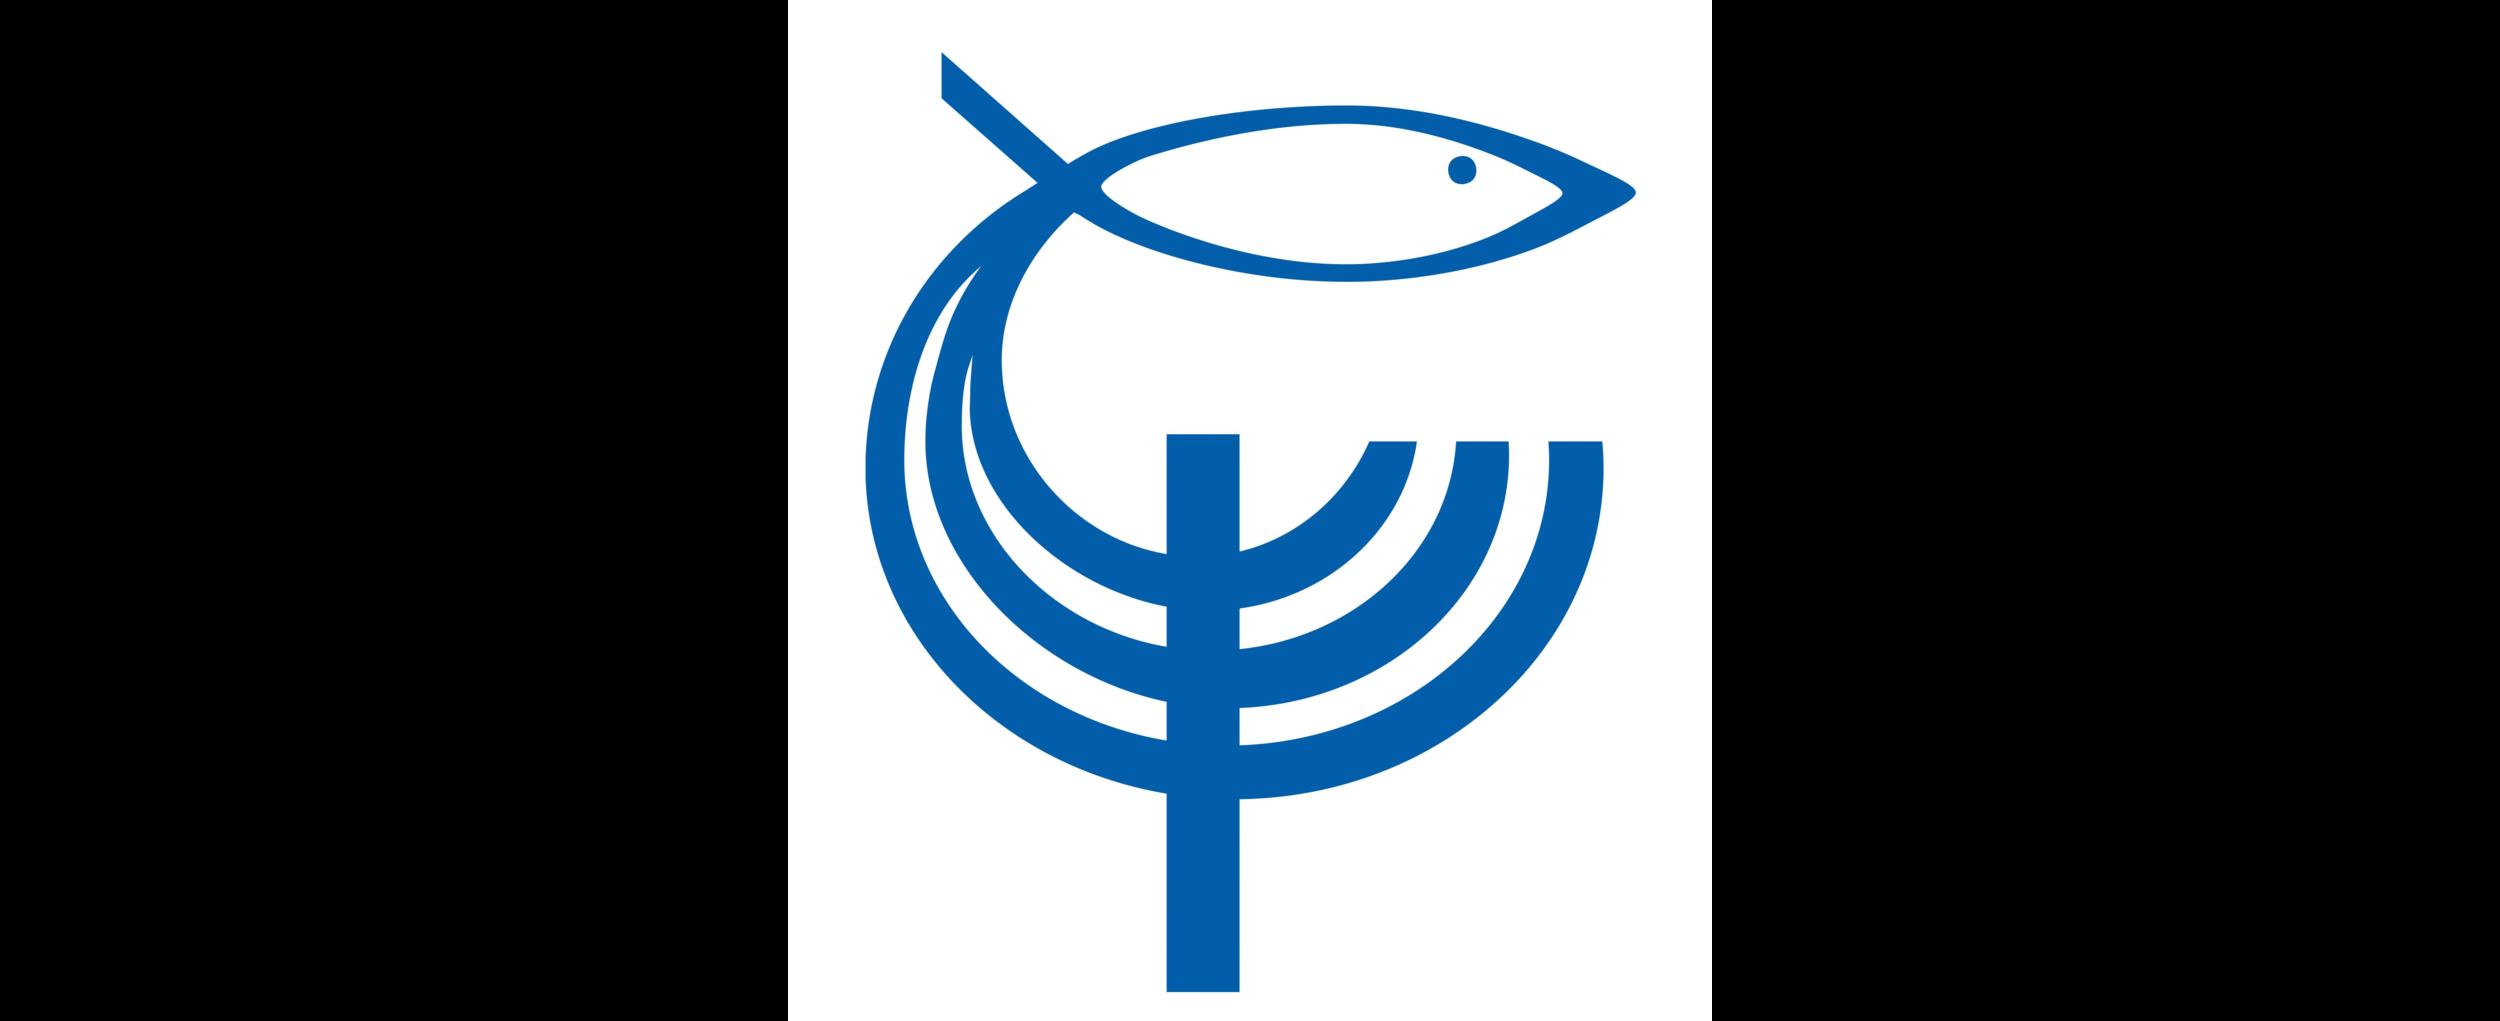 Logo-GCJZ_FG-1.png